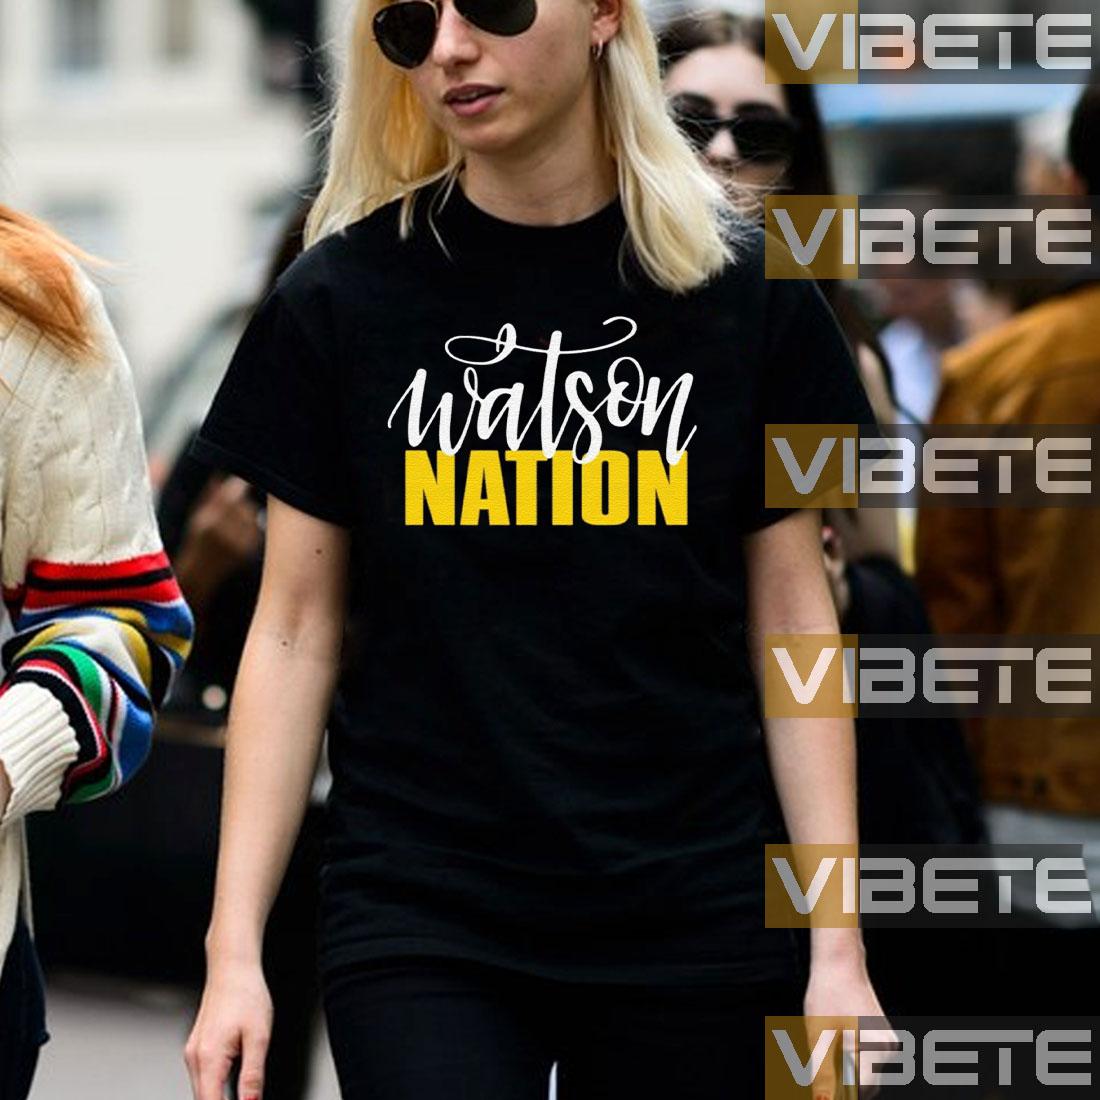 Womens Watson Nation shirt